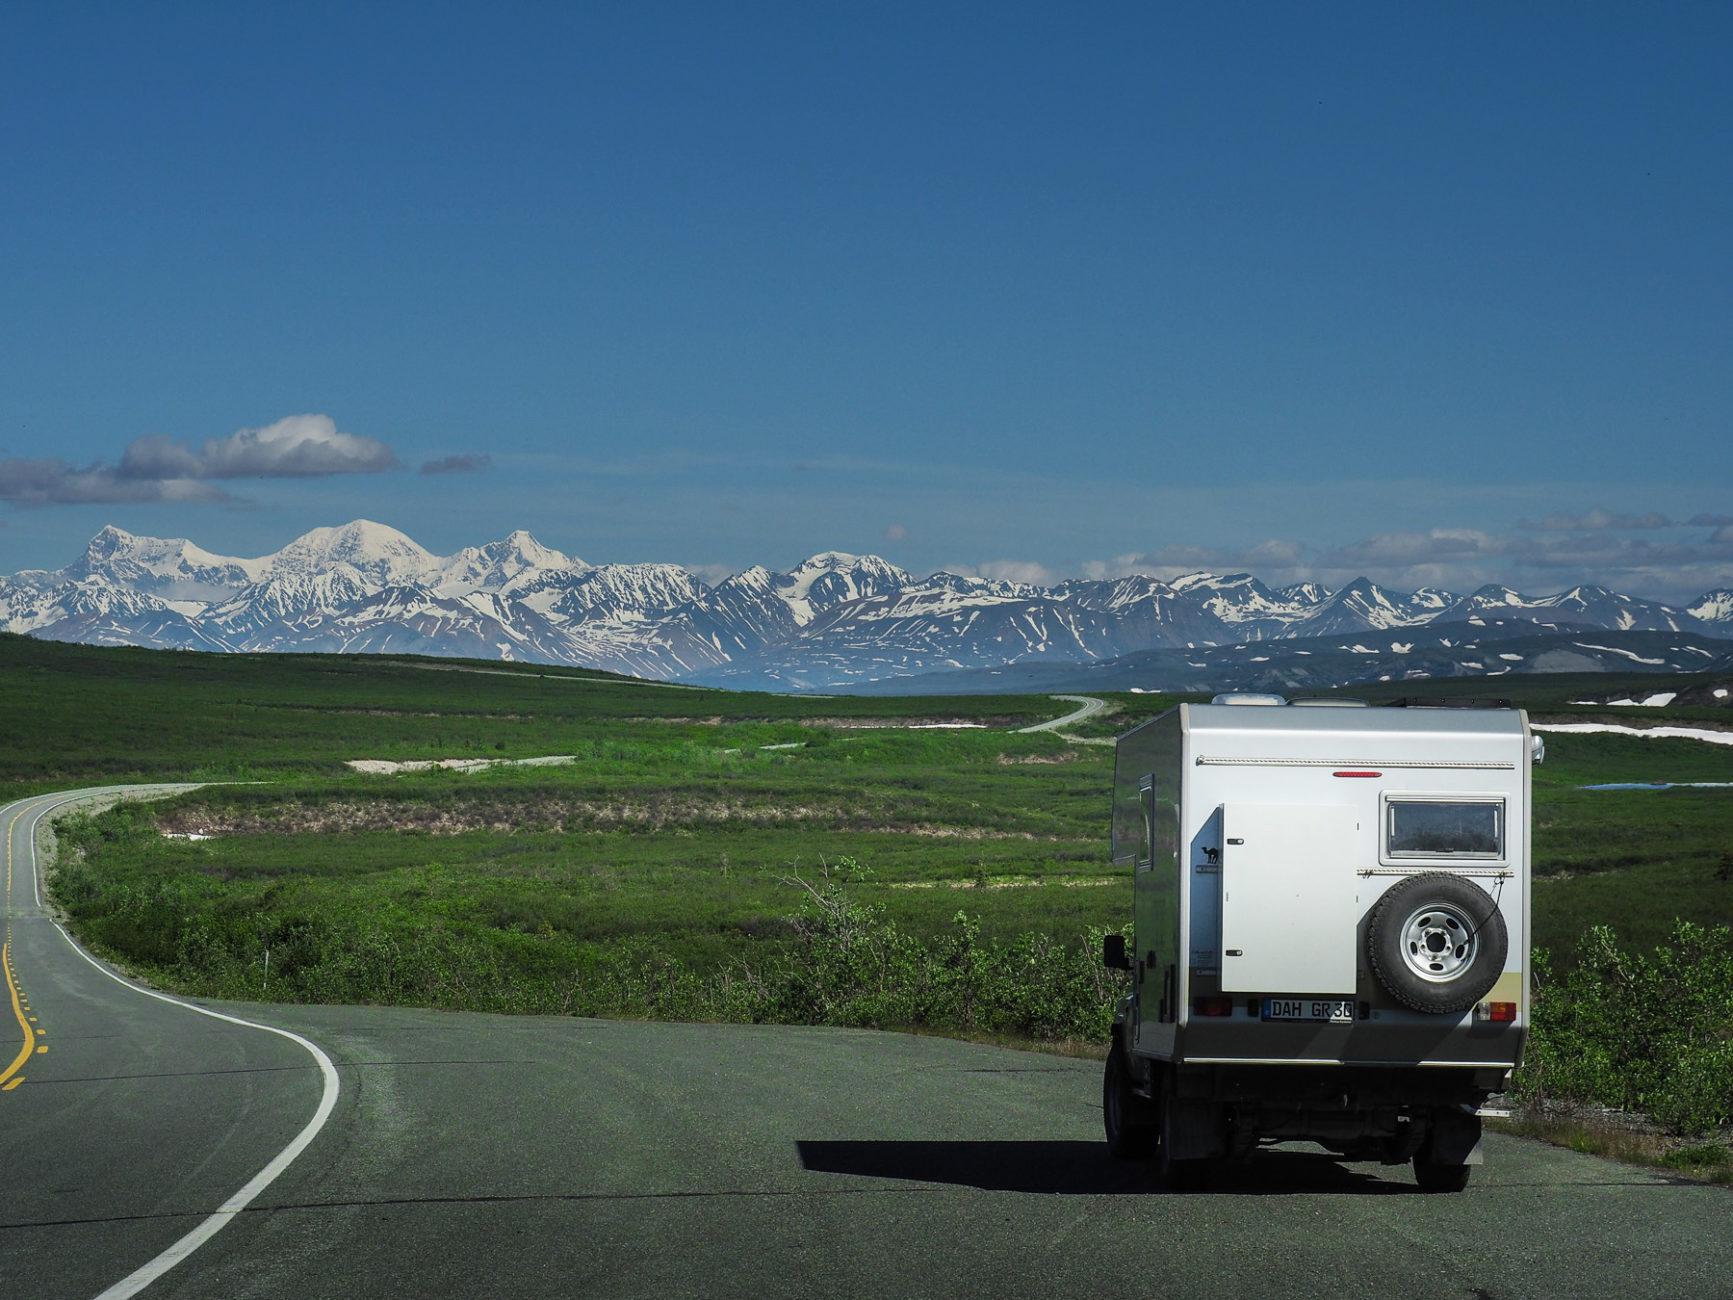 unterwegs auf dem spektakulären Denali Highway